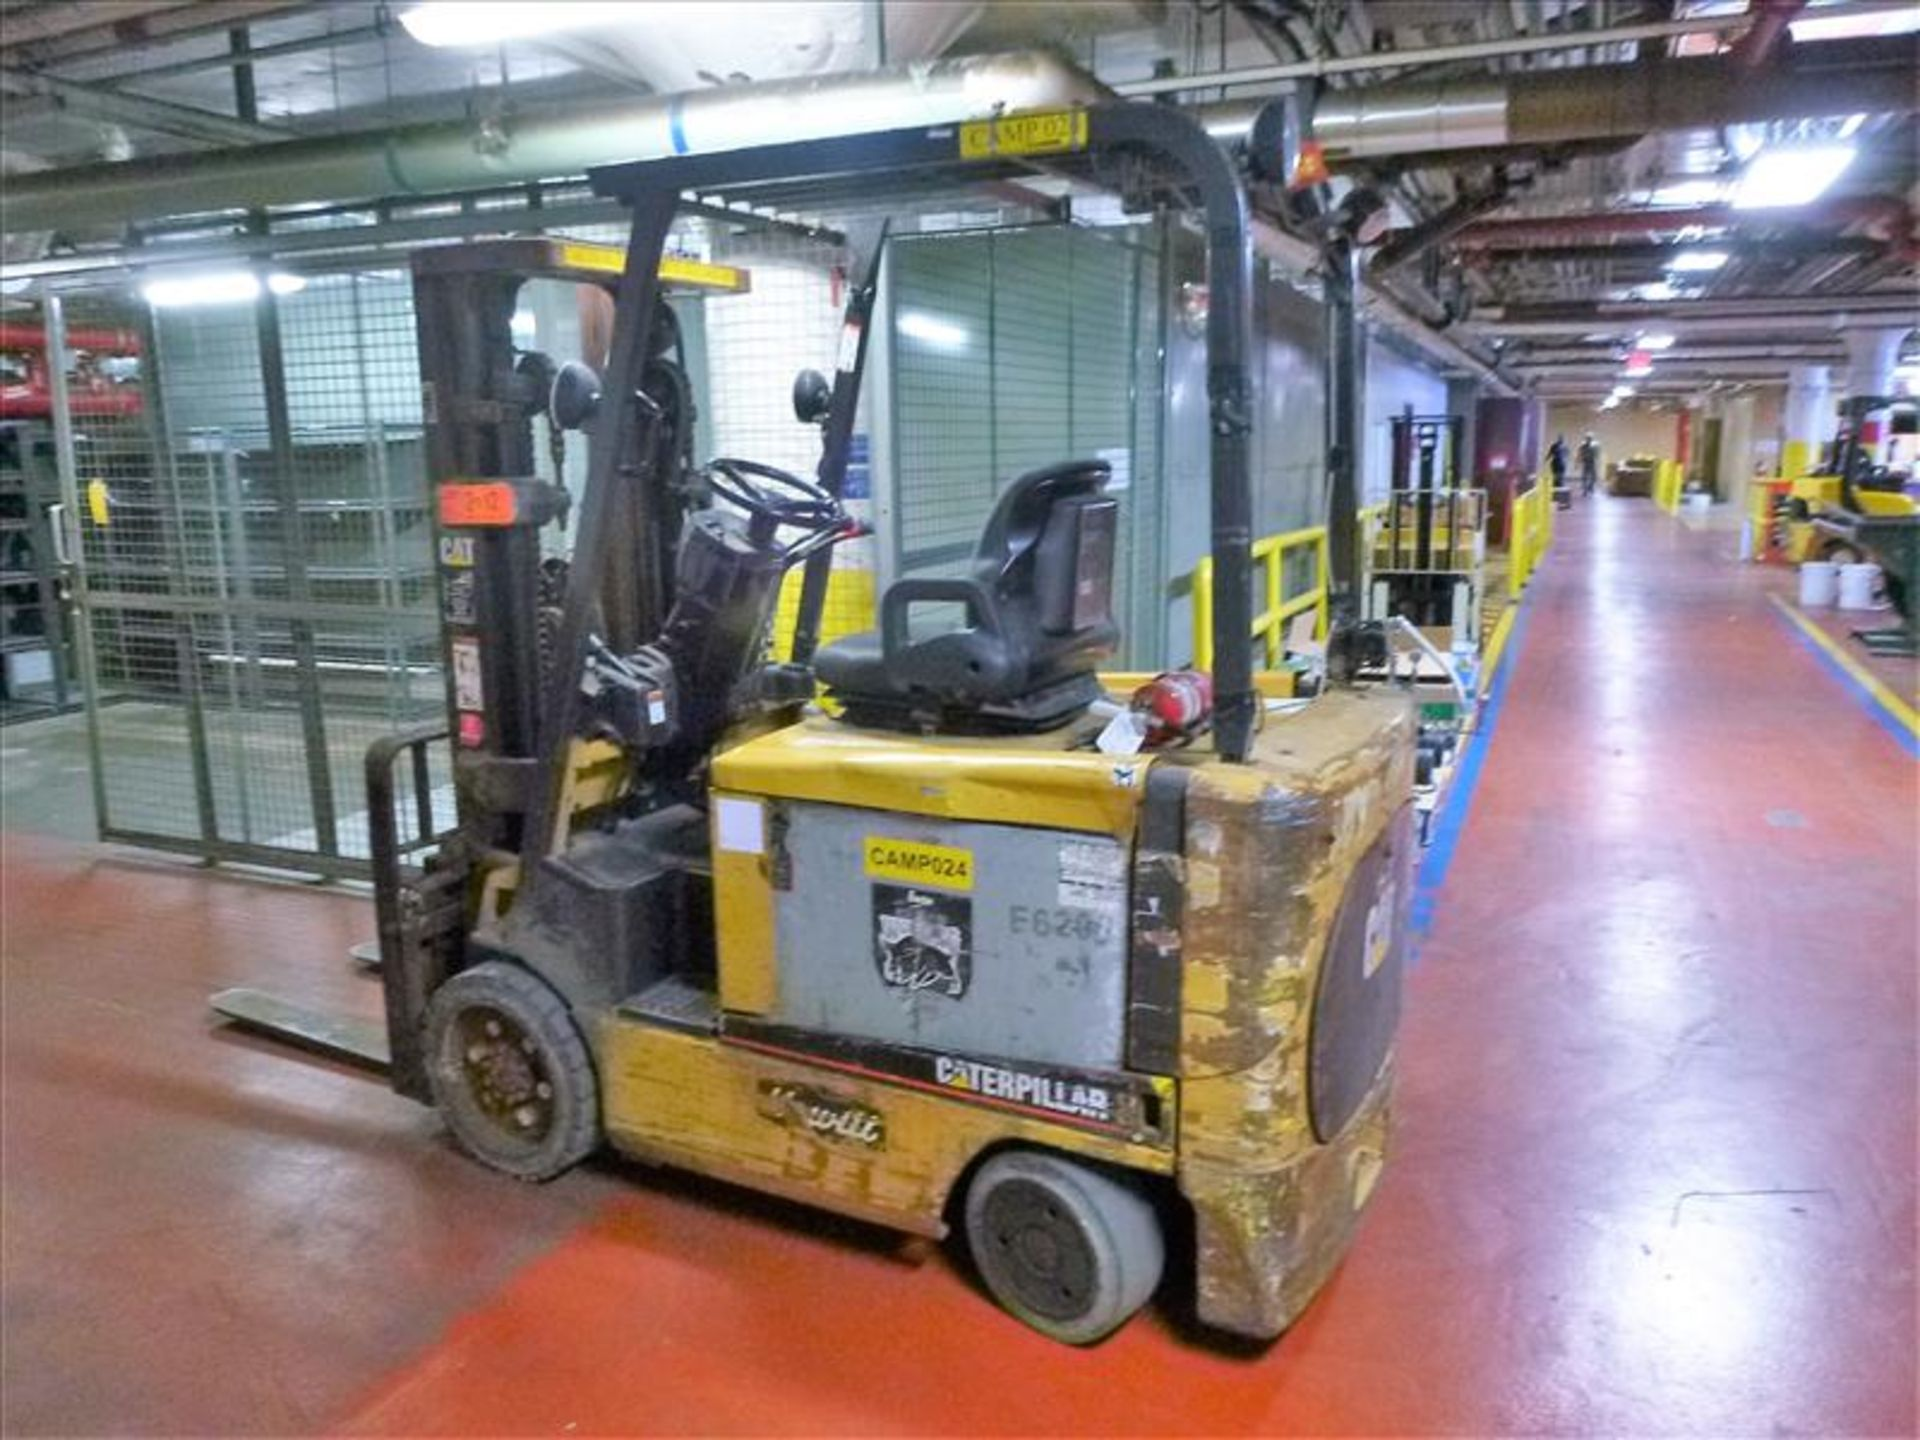 Lot 2012 - Caterpillar fork lift truck, mod. EC30K, ser. no. A3EC310283, 48V electric, 5650 lbs cap., 188 in.